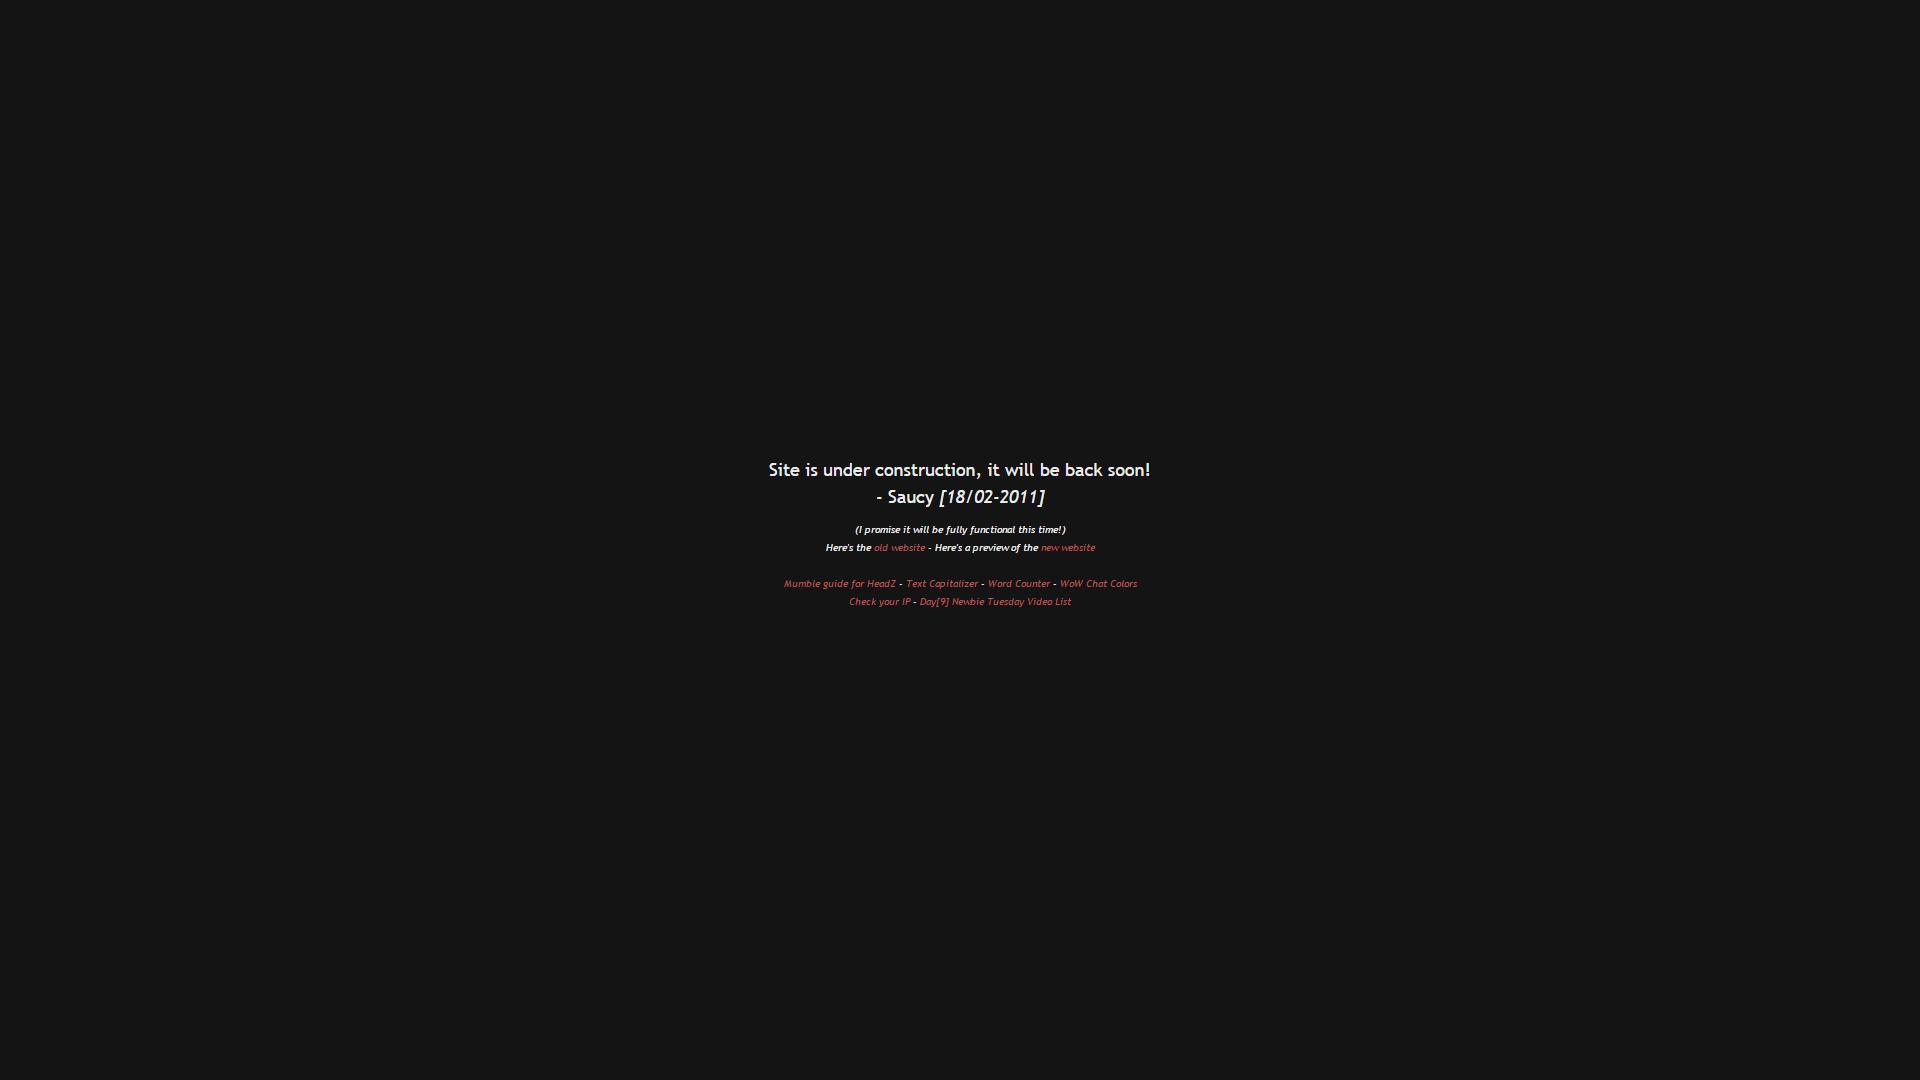 v2-ph/assets/images/screenshot.png